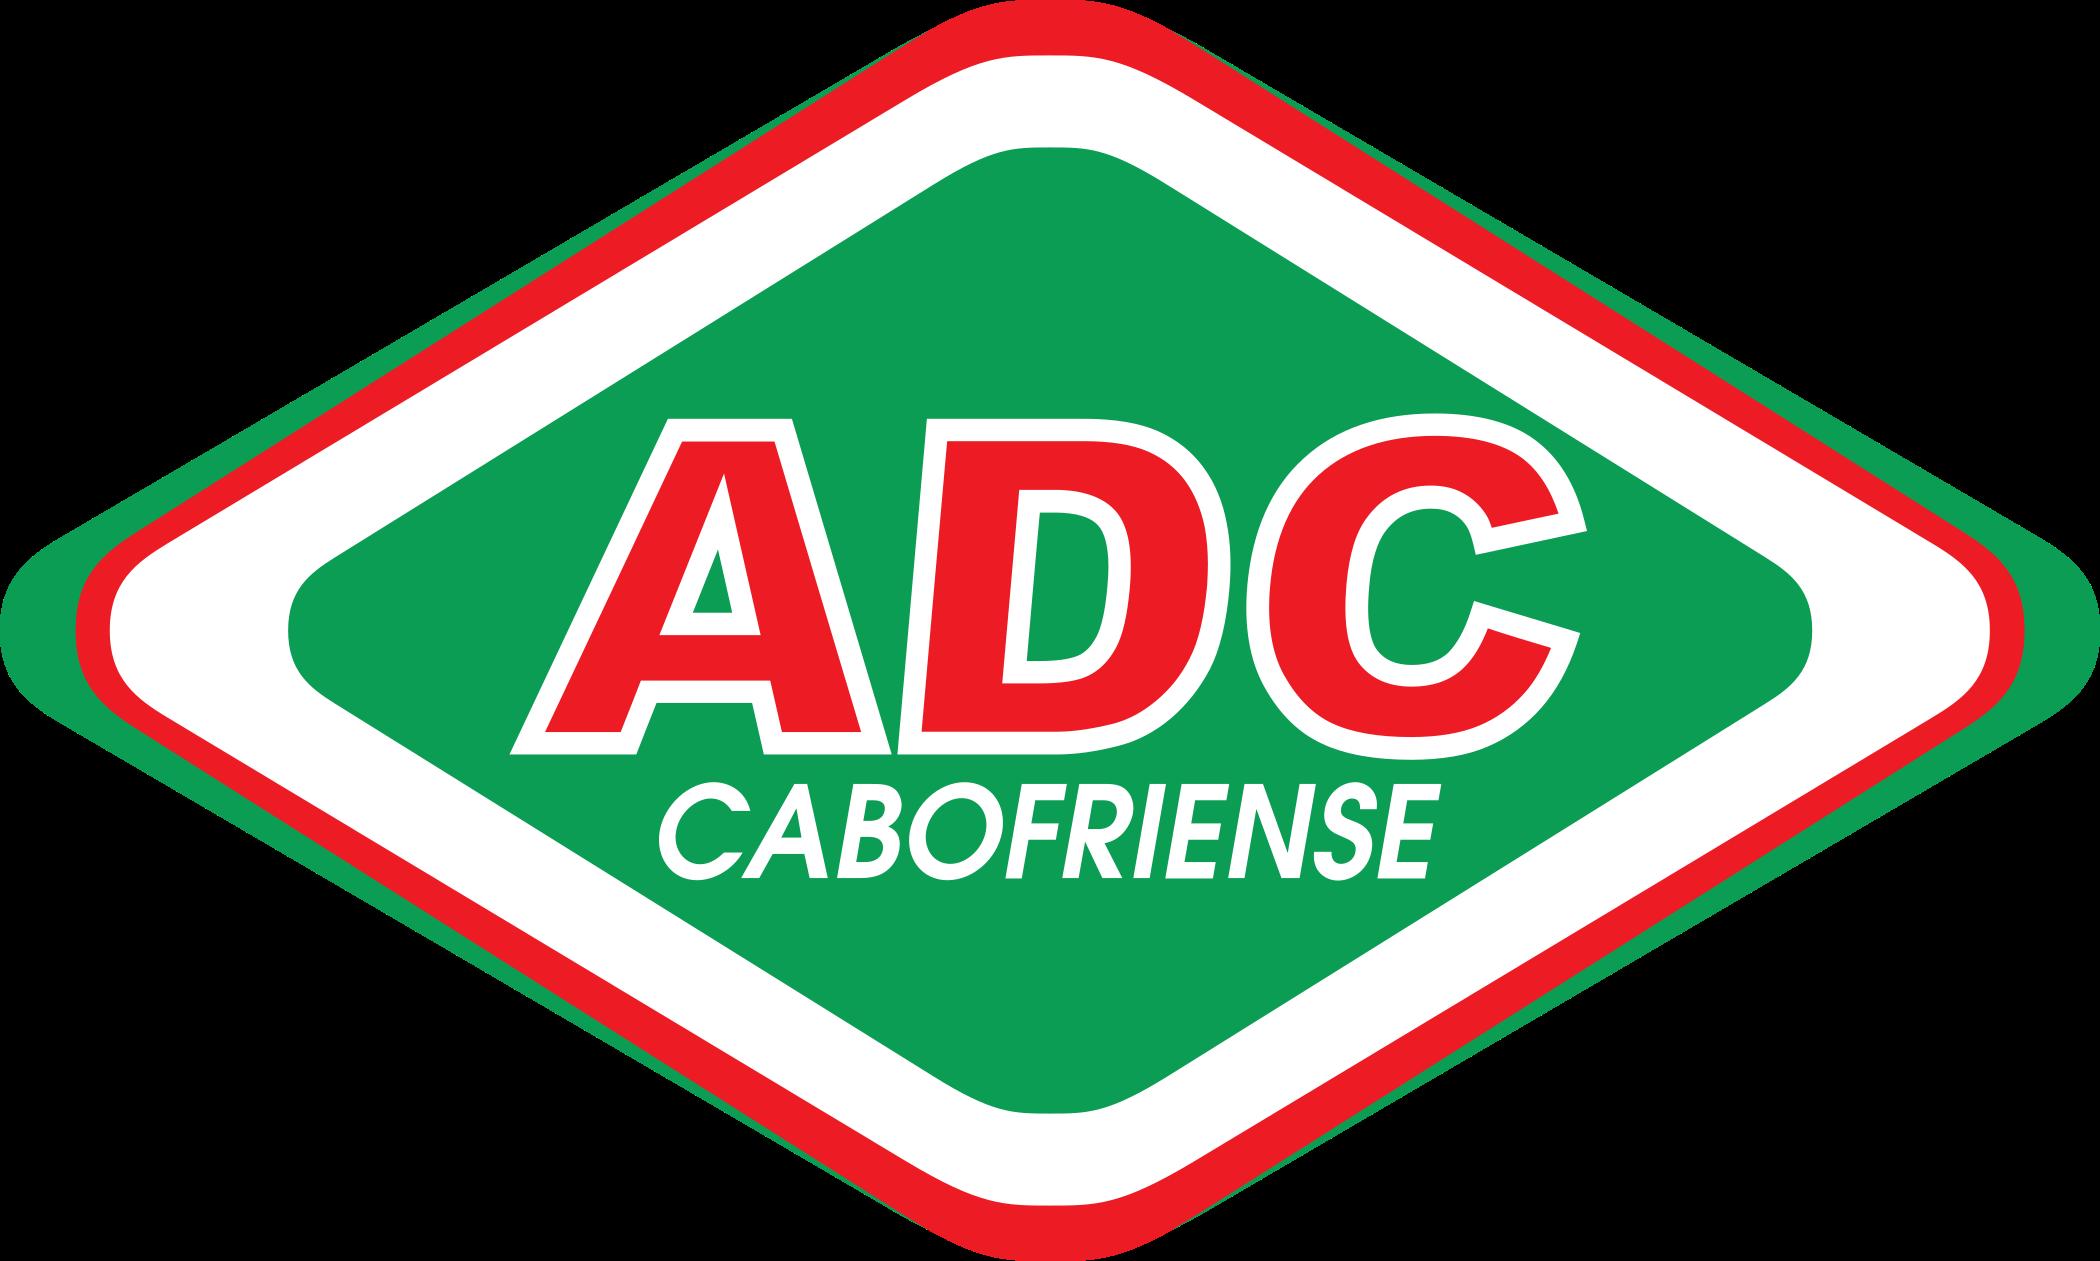 cabofriense-logo-escudo-1